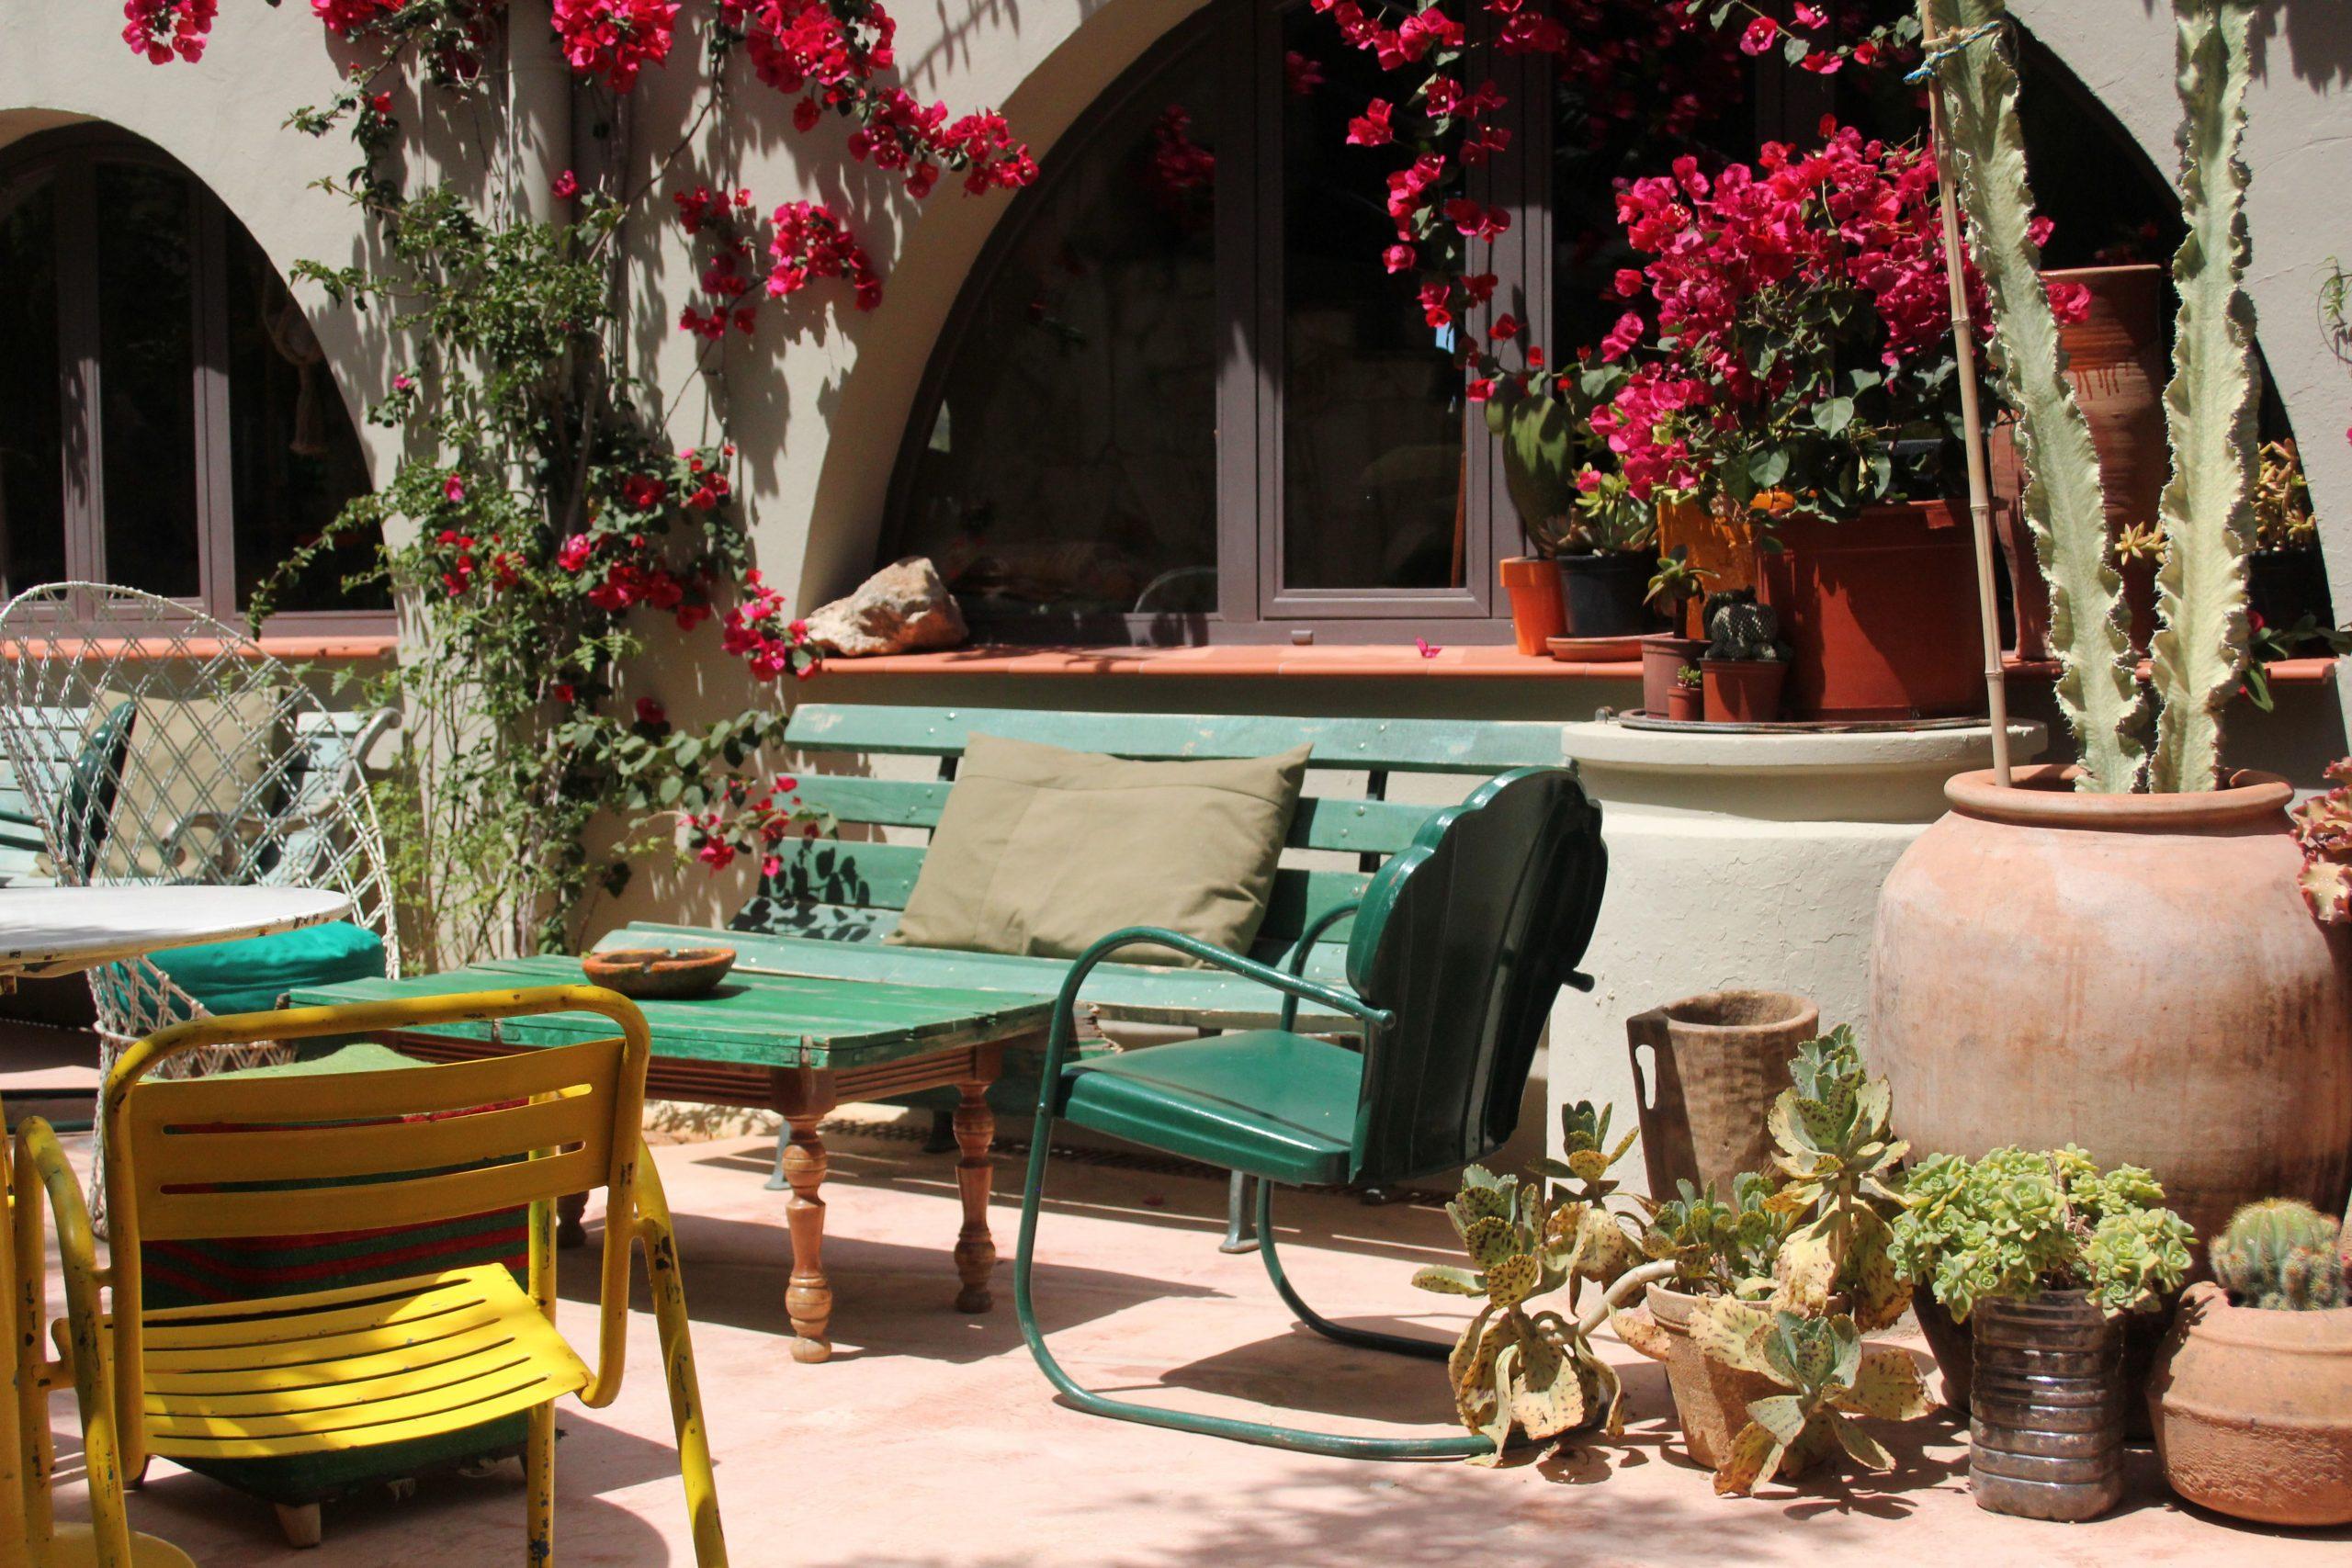 Los Enamorados Hotel - Ibiza / Green Sofa / Yellow Chair ... intérieur Salon De Jardin D Occasion